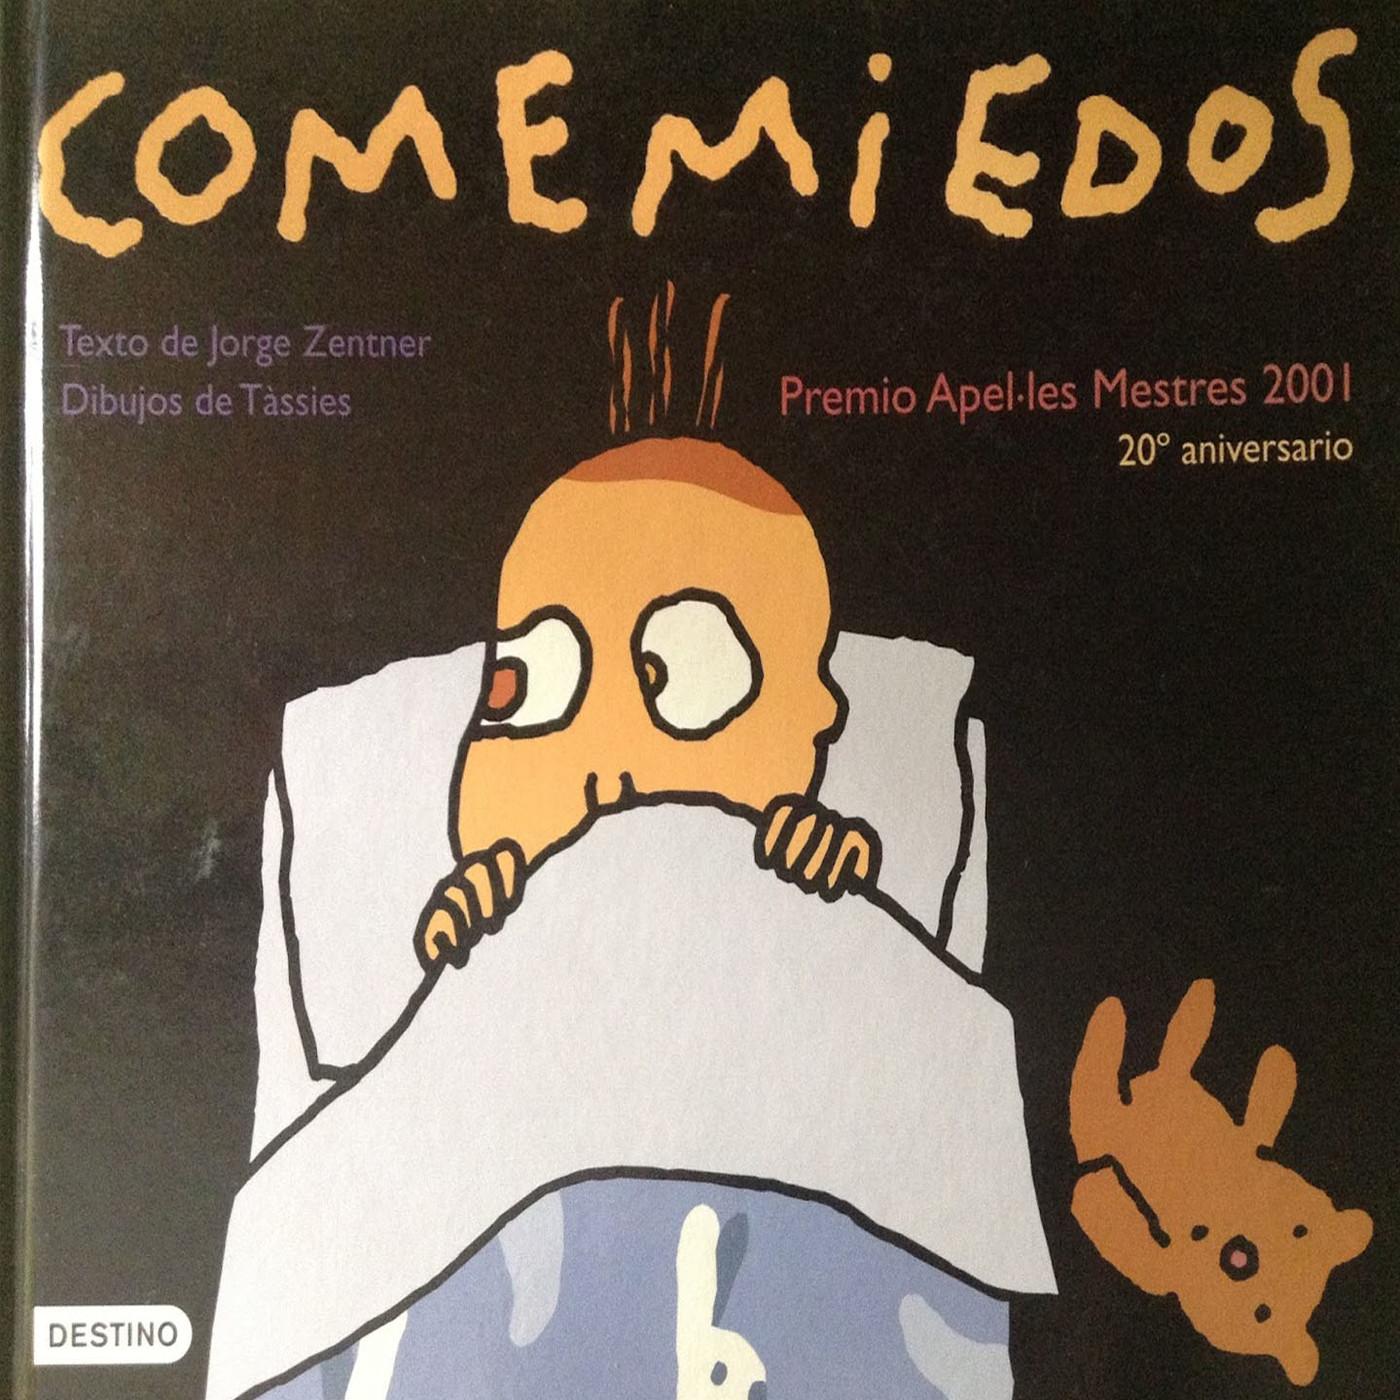 Comemiedos. Jorge Zentner